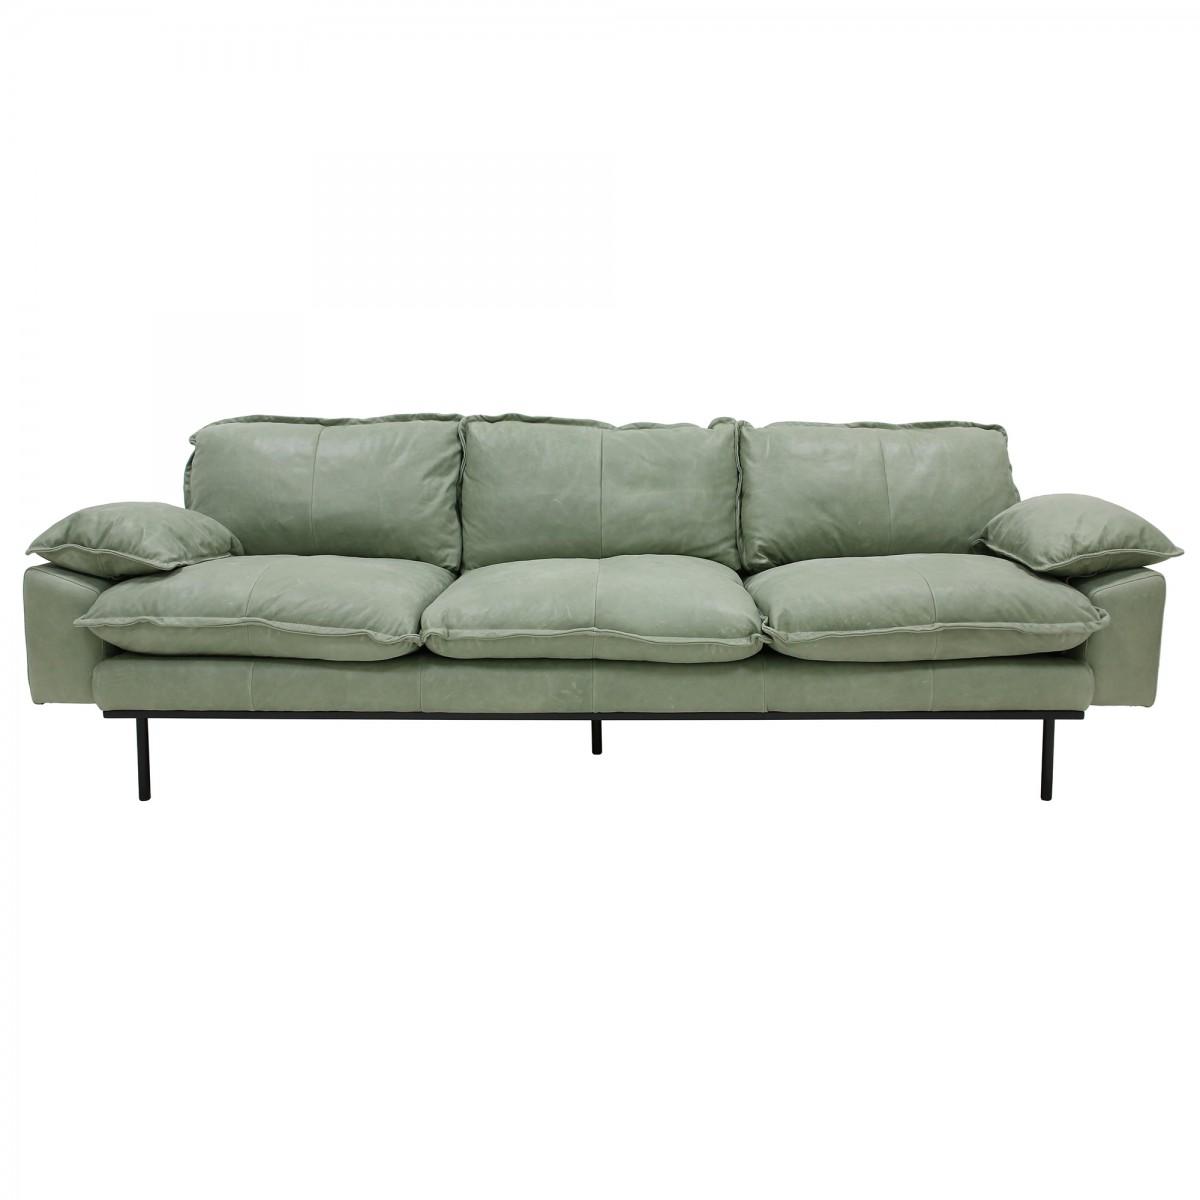 détaillant en ligne 20601 27a0d Canapé 4 places RETRO en cuir menthe - HK LIVING